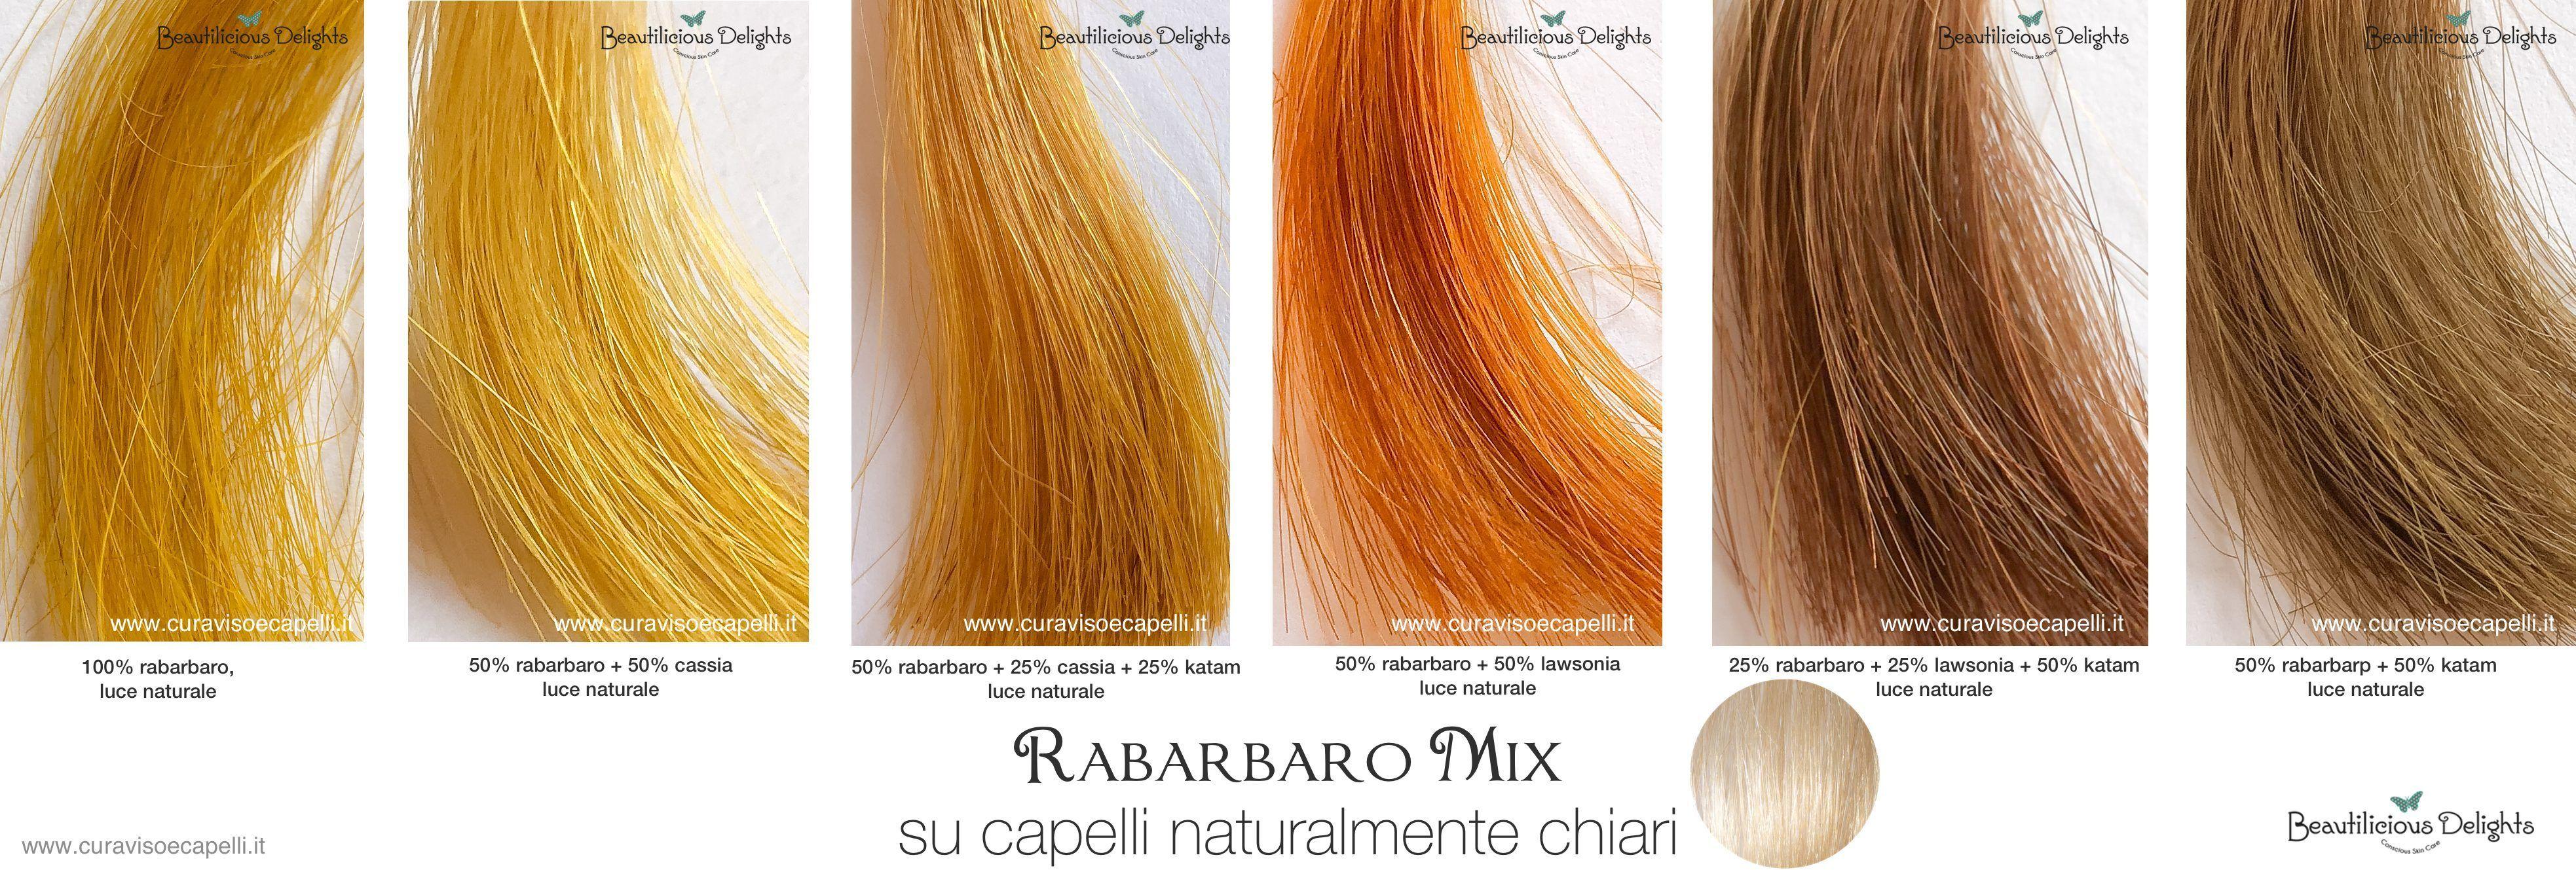 tonalità di biondo castano chiaro rabarbaro henne tinta naturale capelli  biondi chiari 64076eda7920